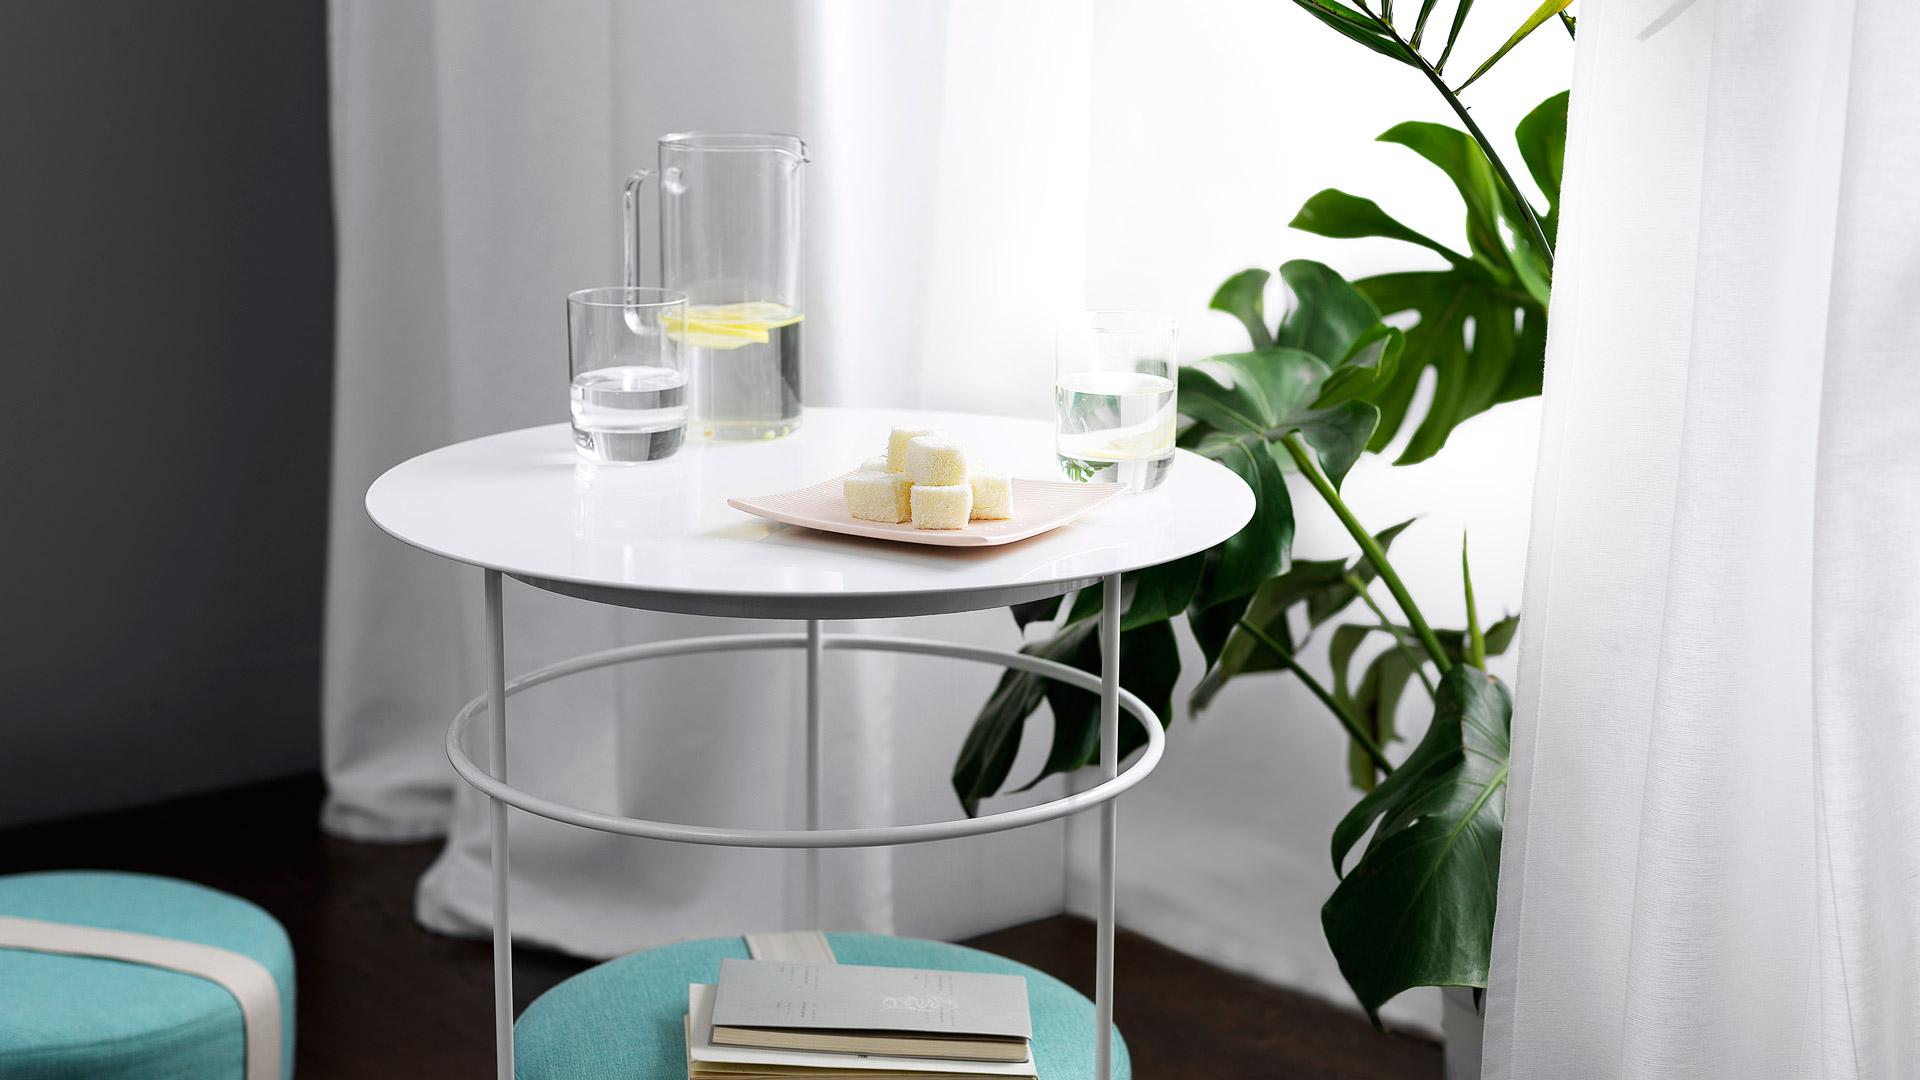 不挑空间的设计特色,让她可以适配任意家居风格,客厅、餐厅、书房、卧室……甜美的装饰属性,帮你扫除生活的苦涩。